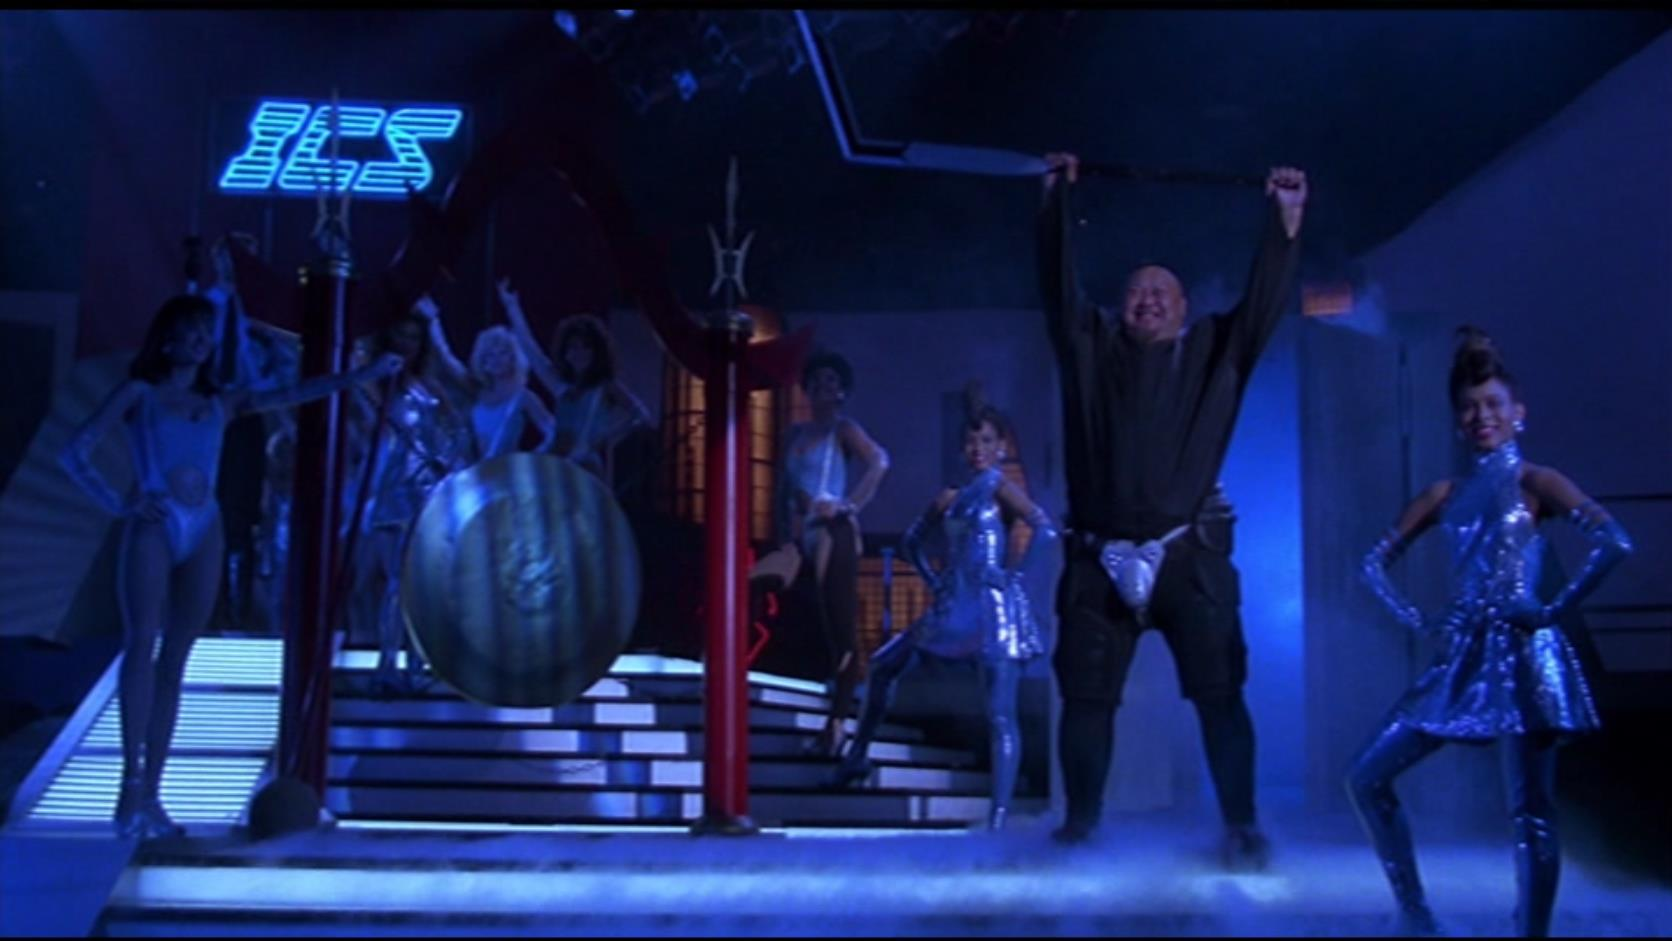 Charles Kalani Jr als Subzero